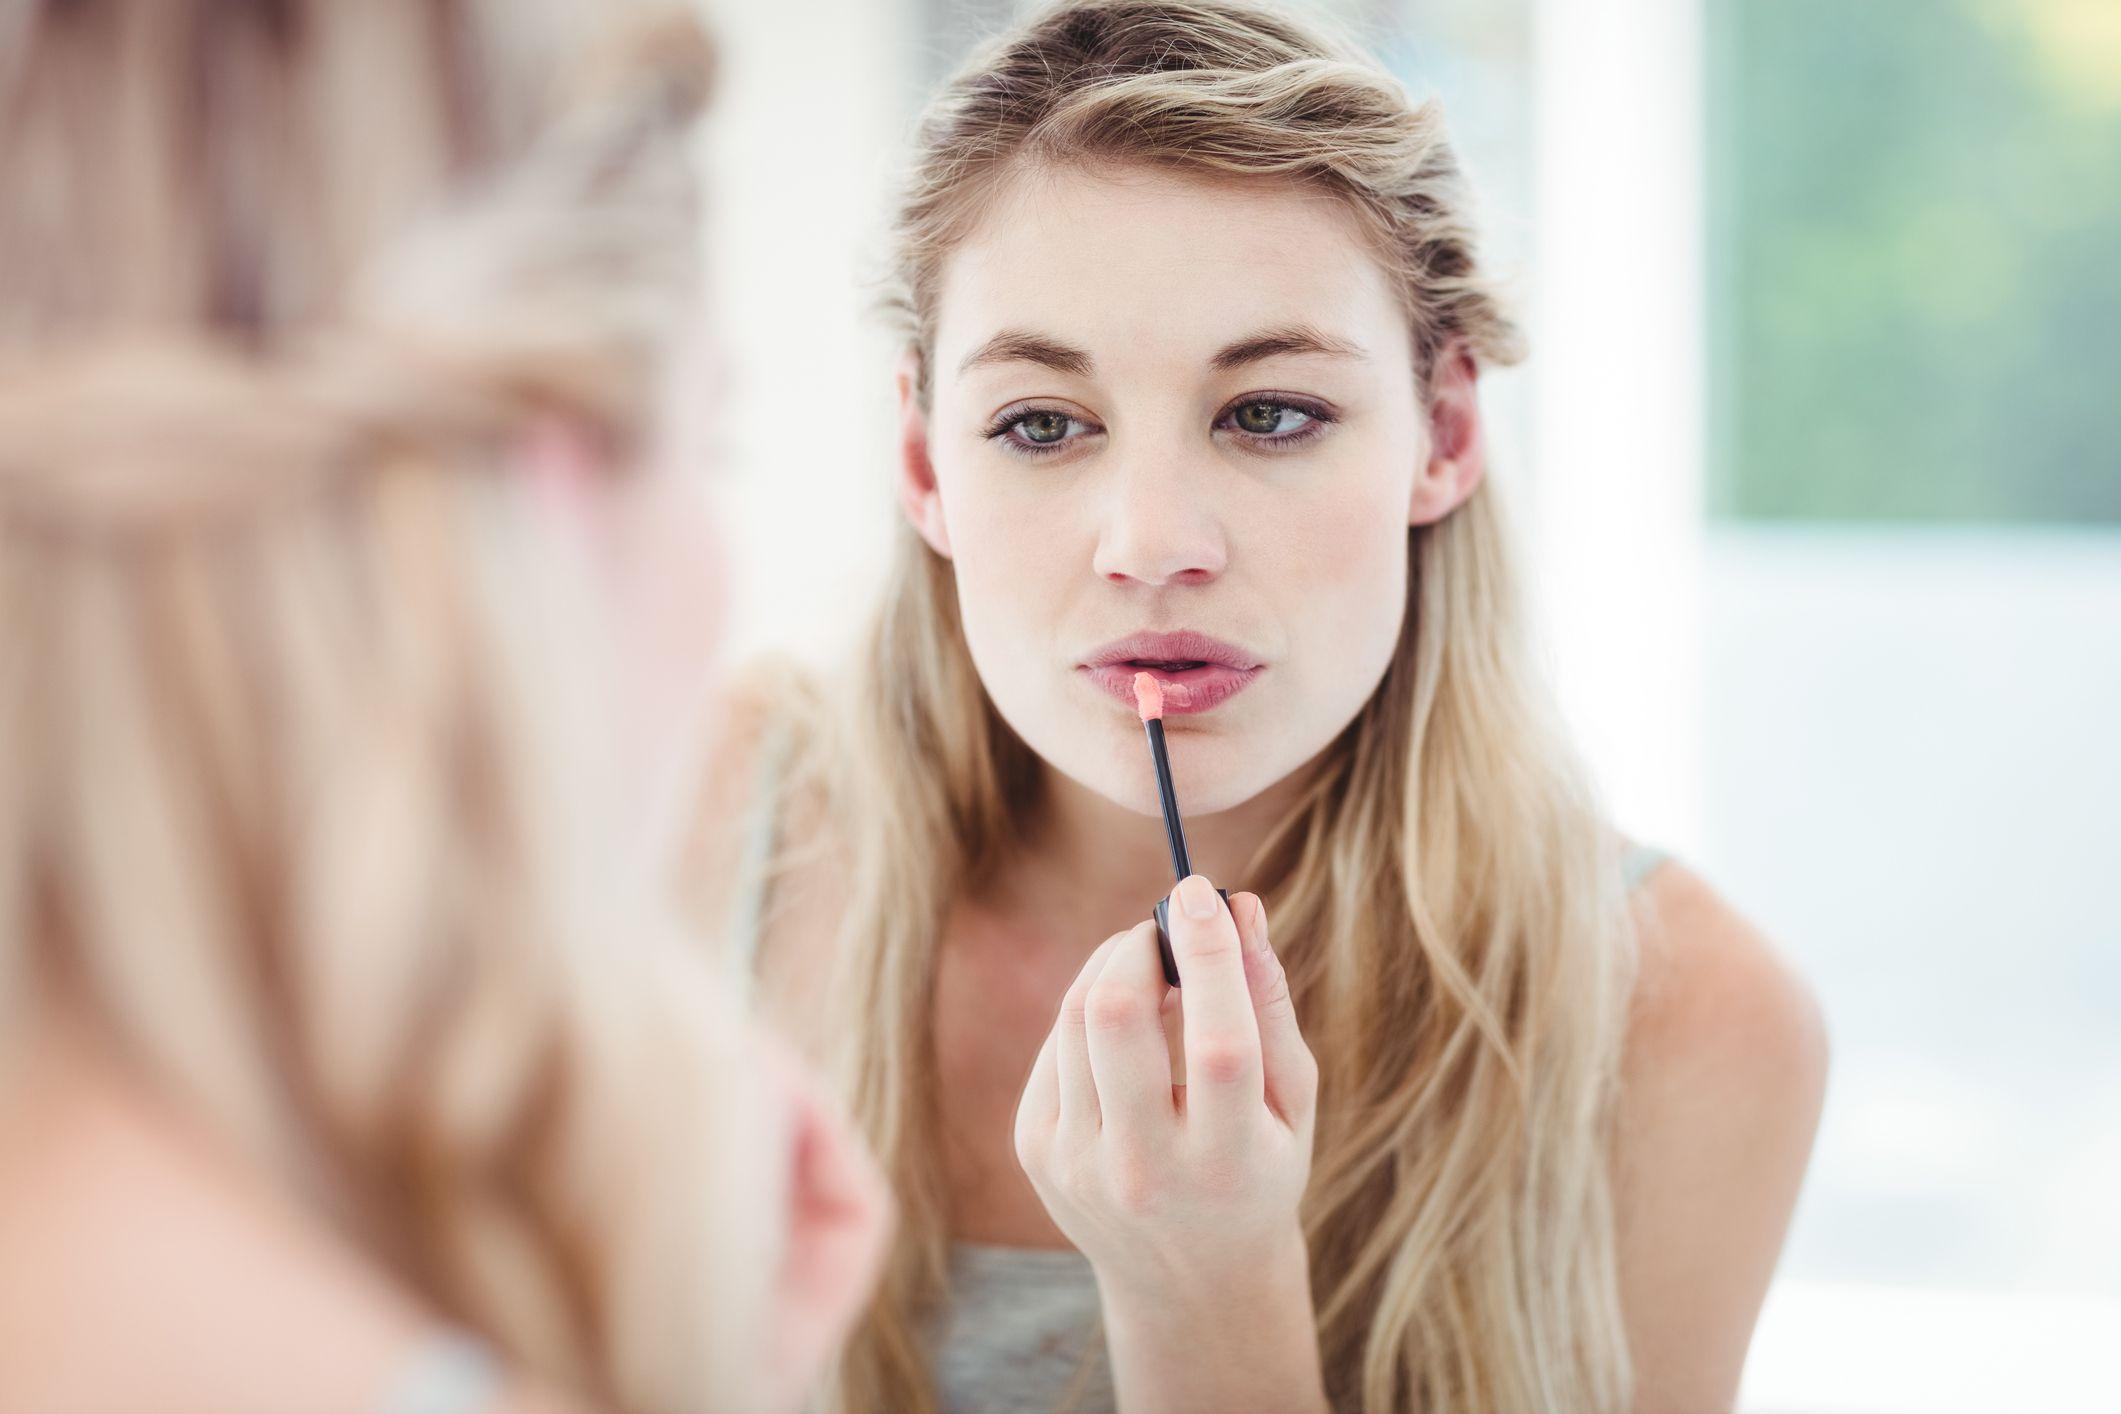 Para las tardes de verano, un brillo de labios te ayudará a lucir una boca atractiva y jugosa.